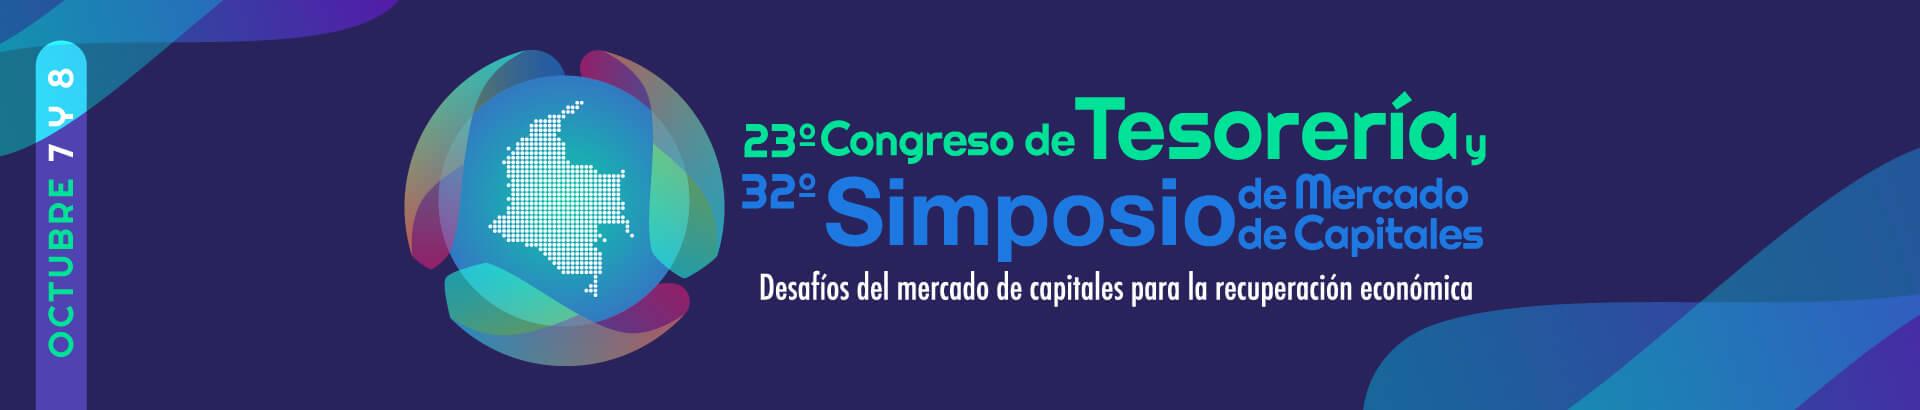 evento 23 congreso de tesoresia asobancaria